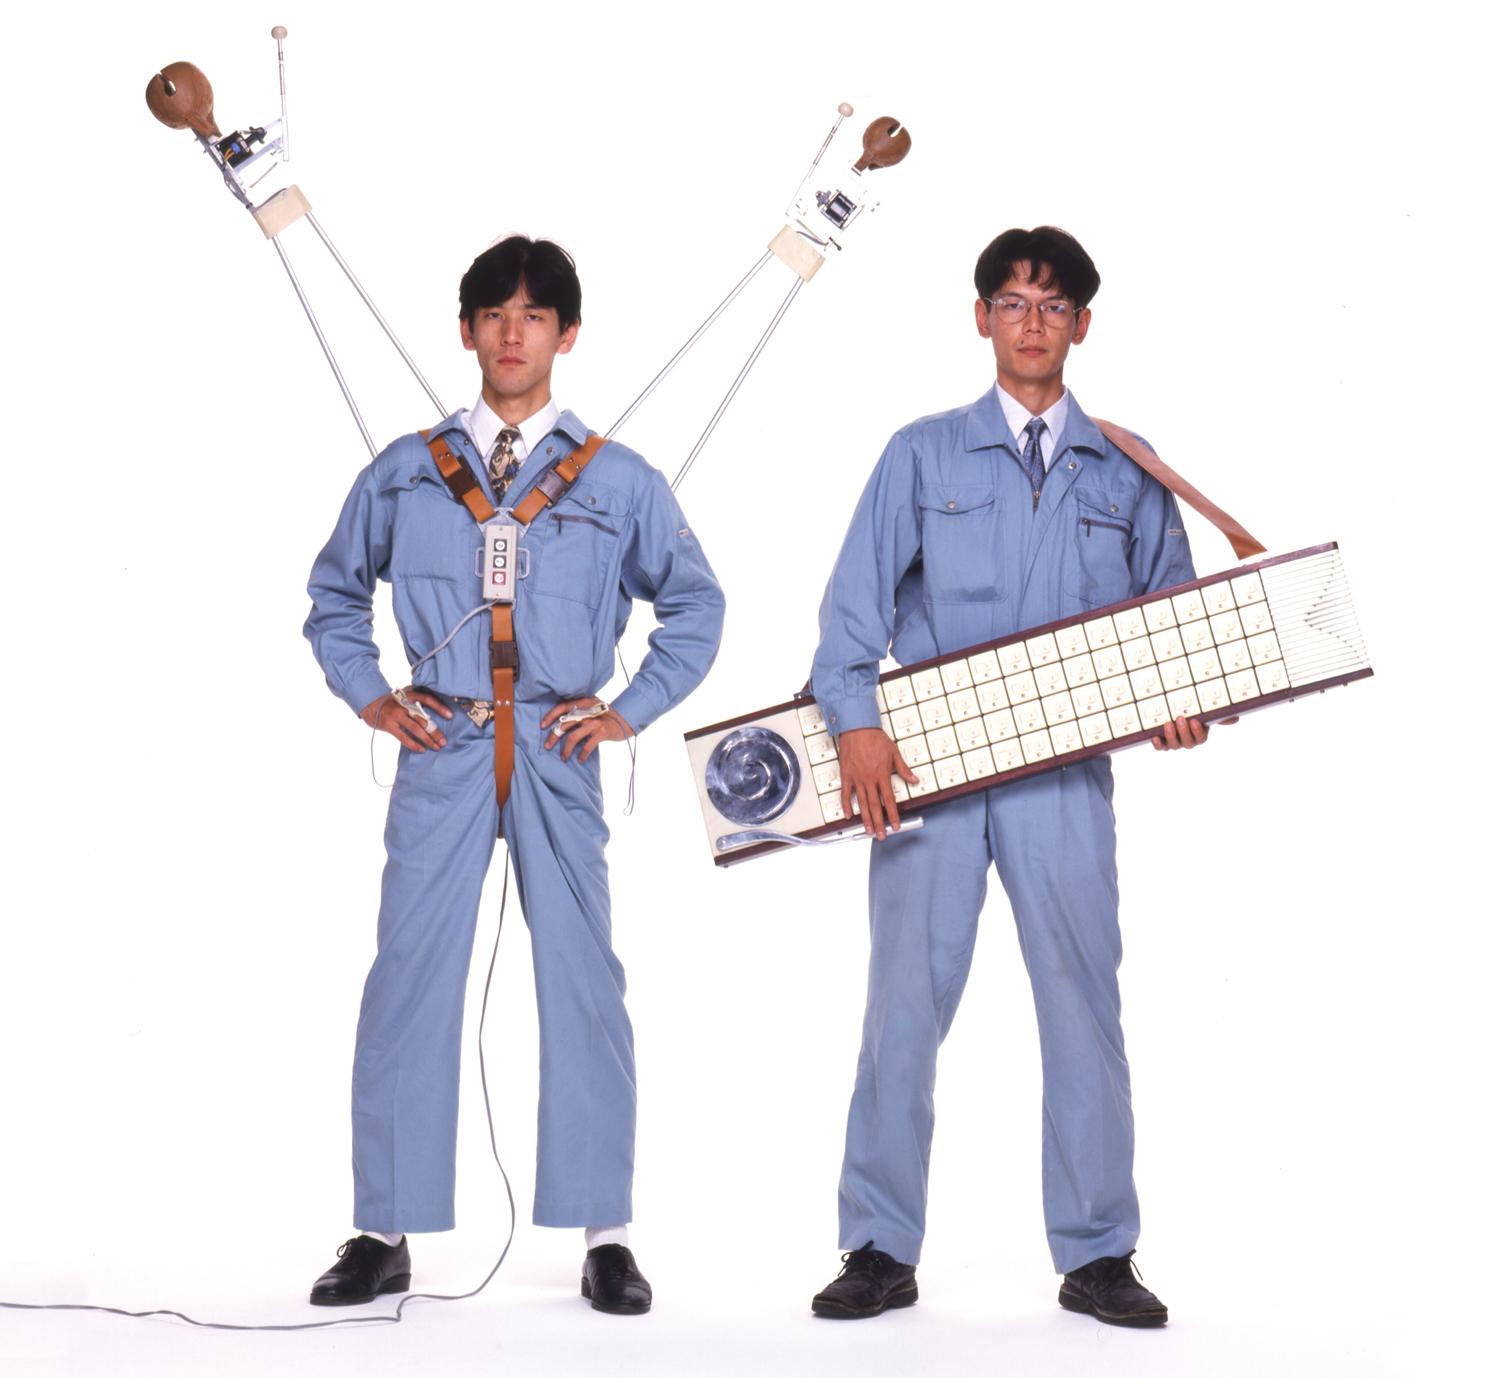 明和電機原由土佐信道(左)及土佐正道(右)組成,2001年,土佐正道以「定年退職」為由離開,由土佐信道肩負会社的營運。(照片及專輯封面擷取自 官網 )